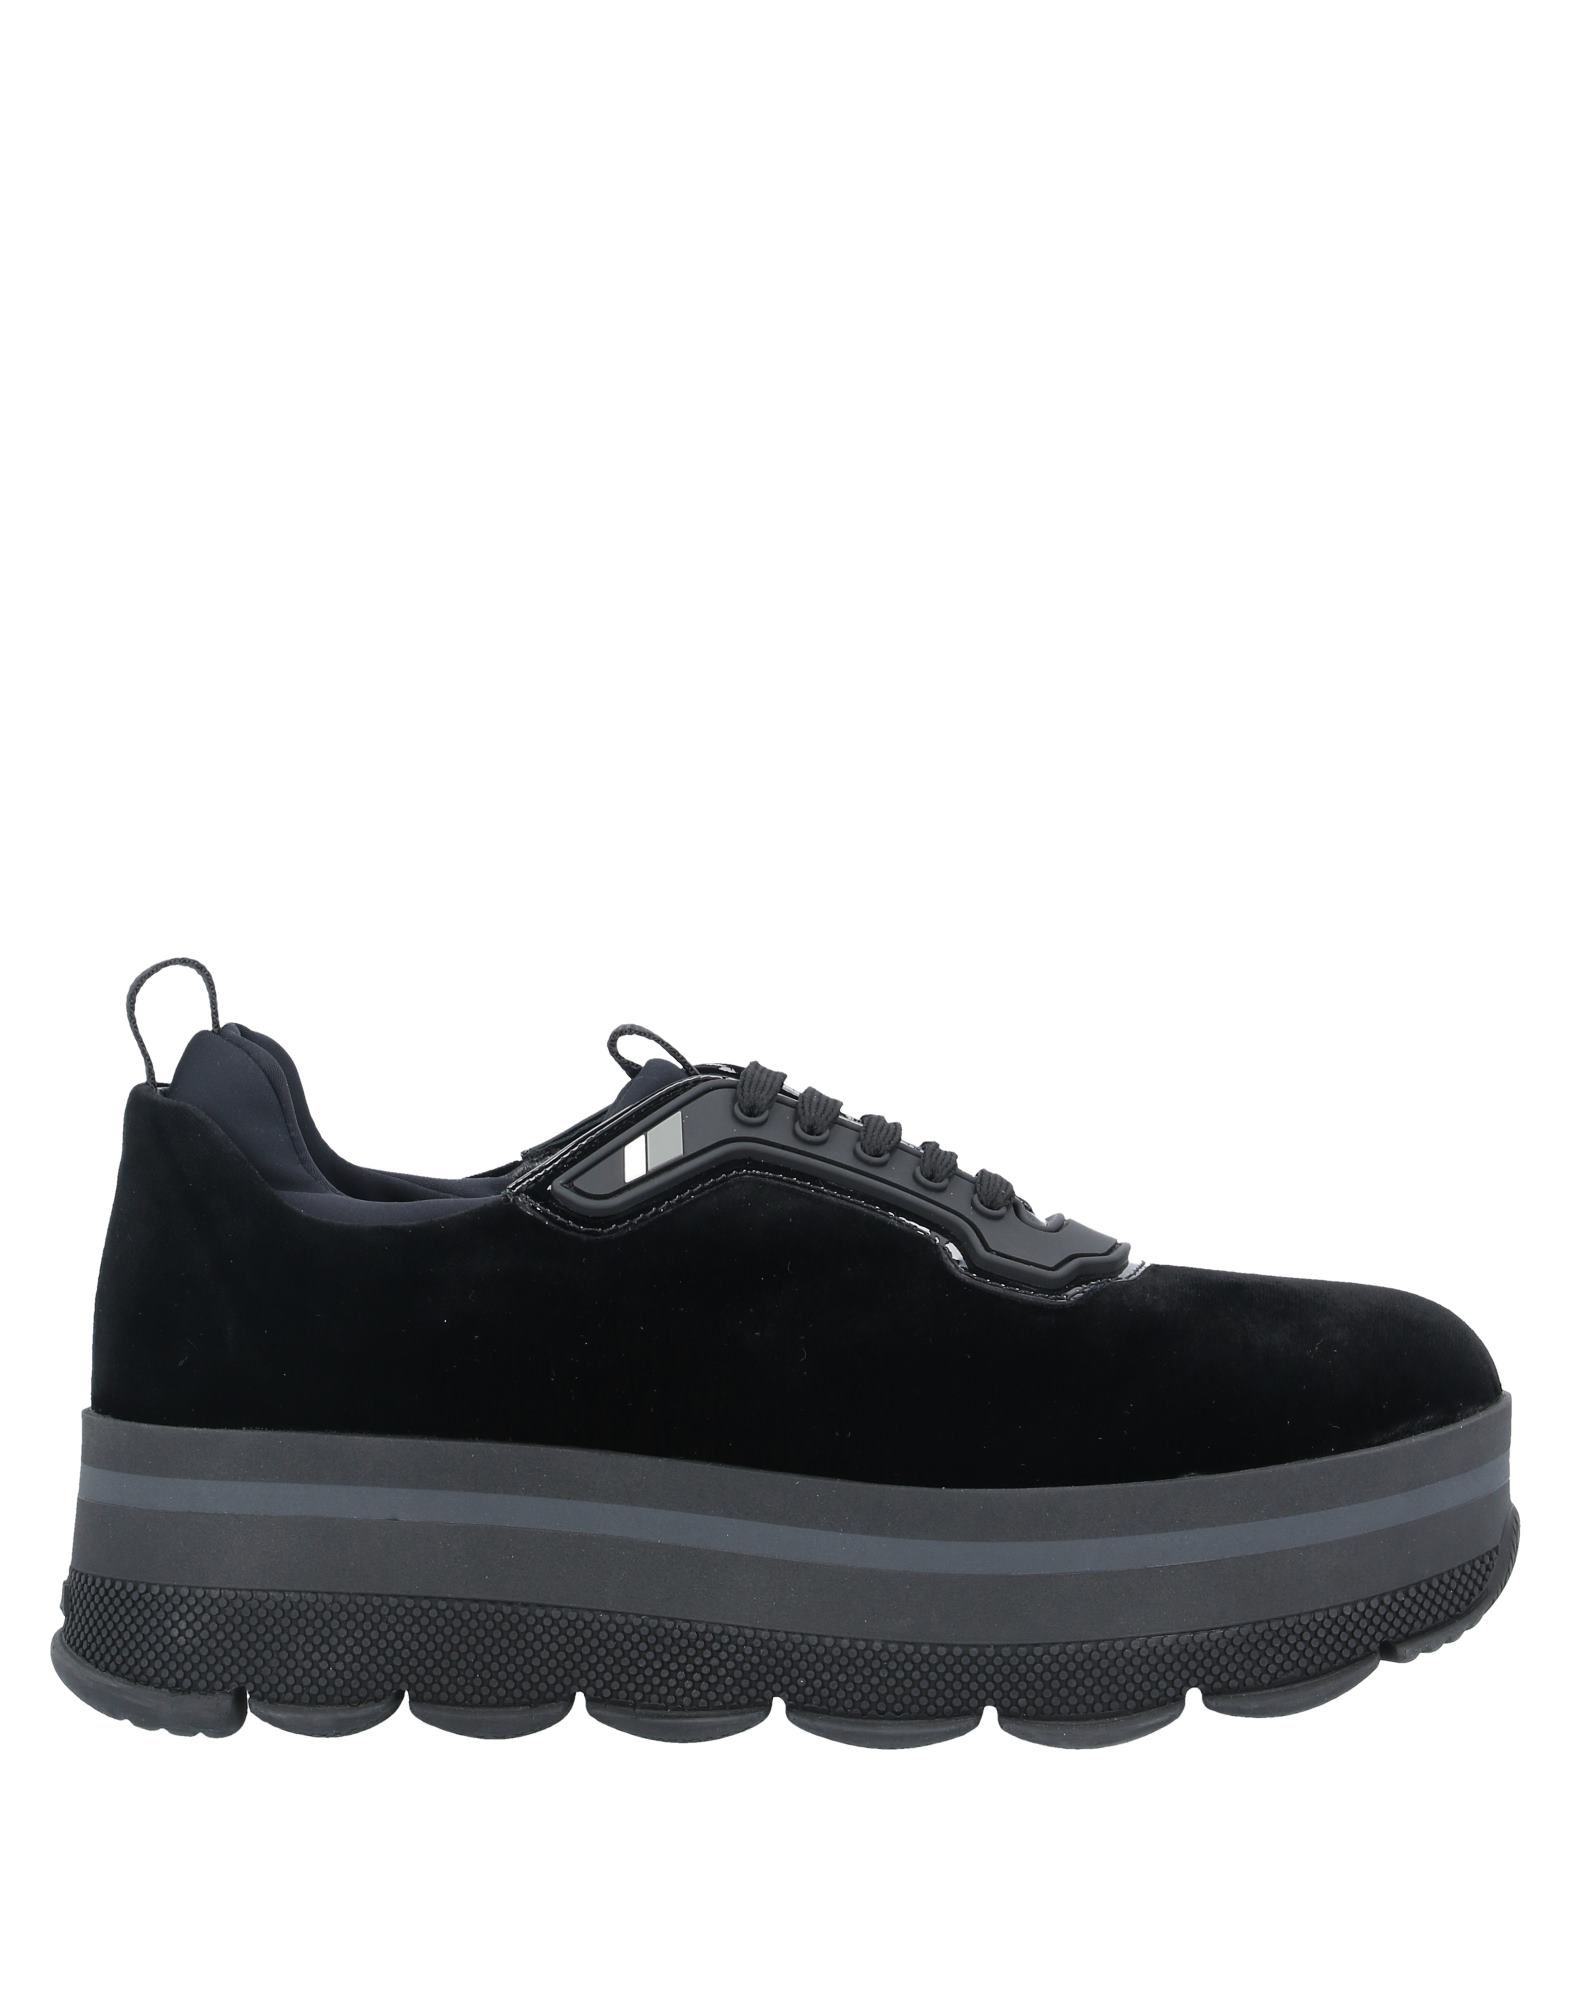 PRADA LINEA ROSSA Low-tops & sneakers - Item 11918634